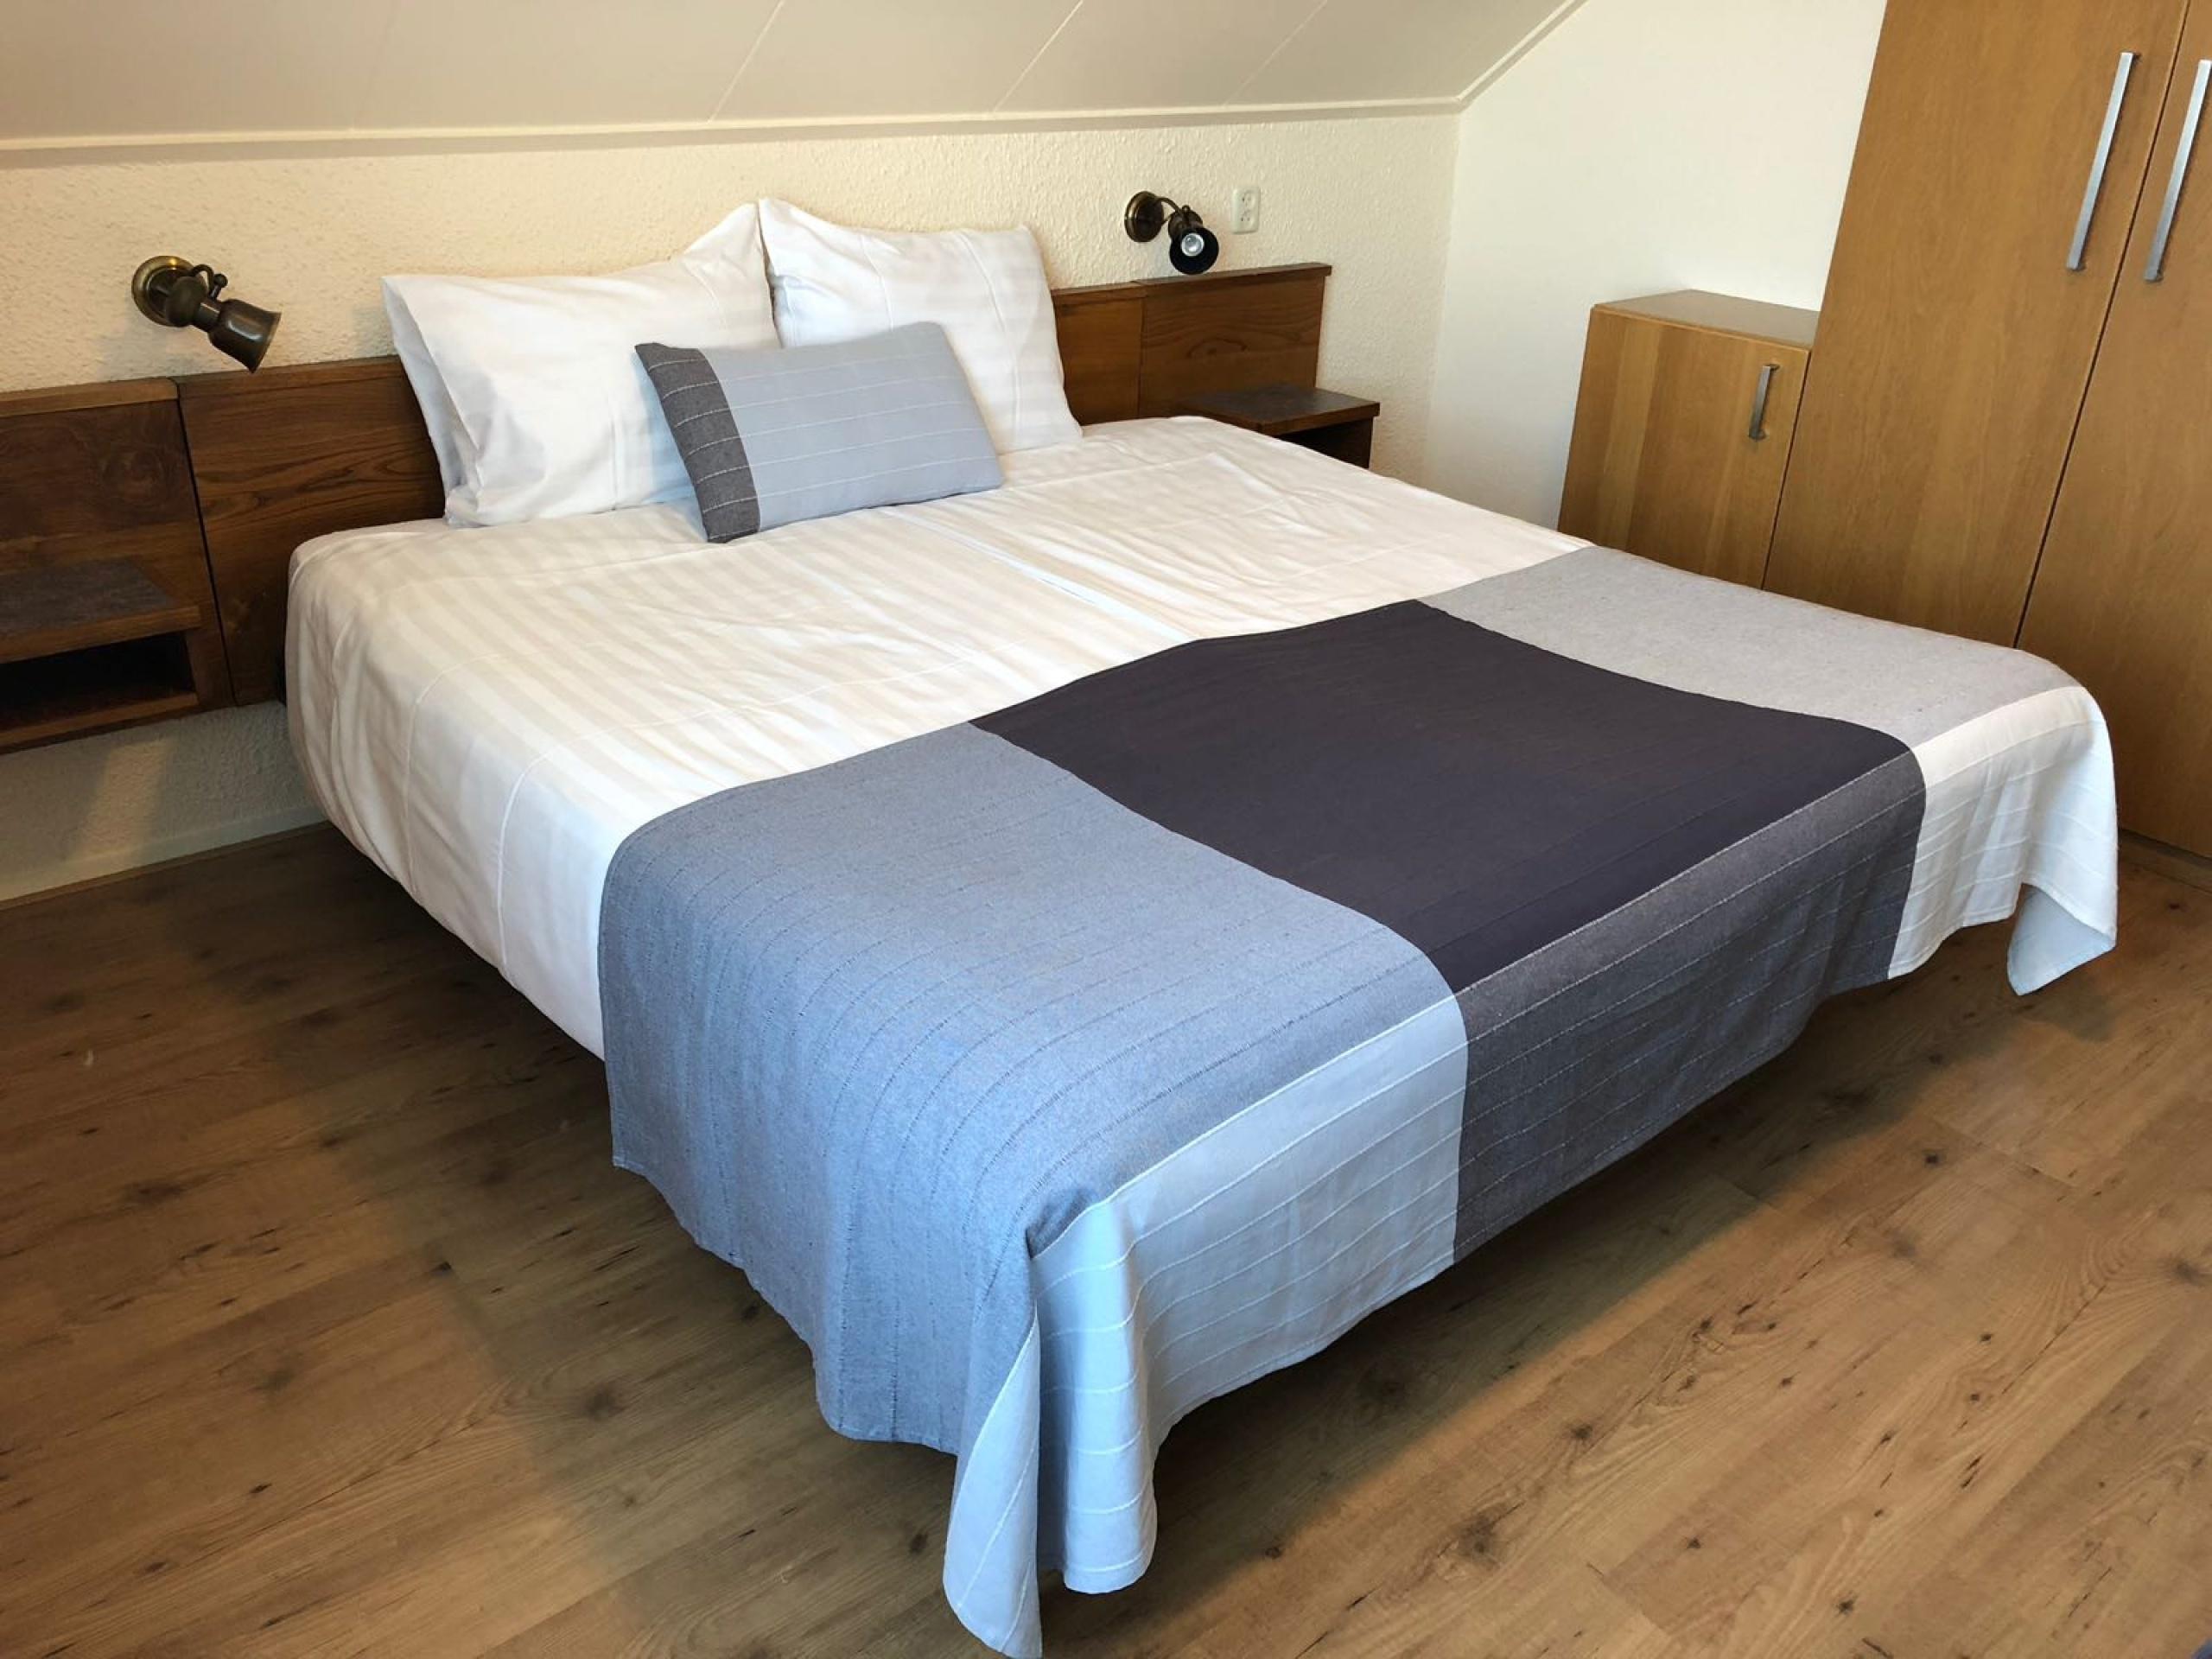 Comfortabele hotelkamer in sfeervol hotel vlakbij zee in De Koog